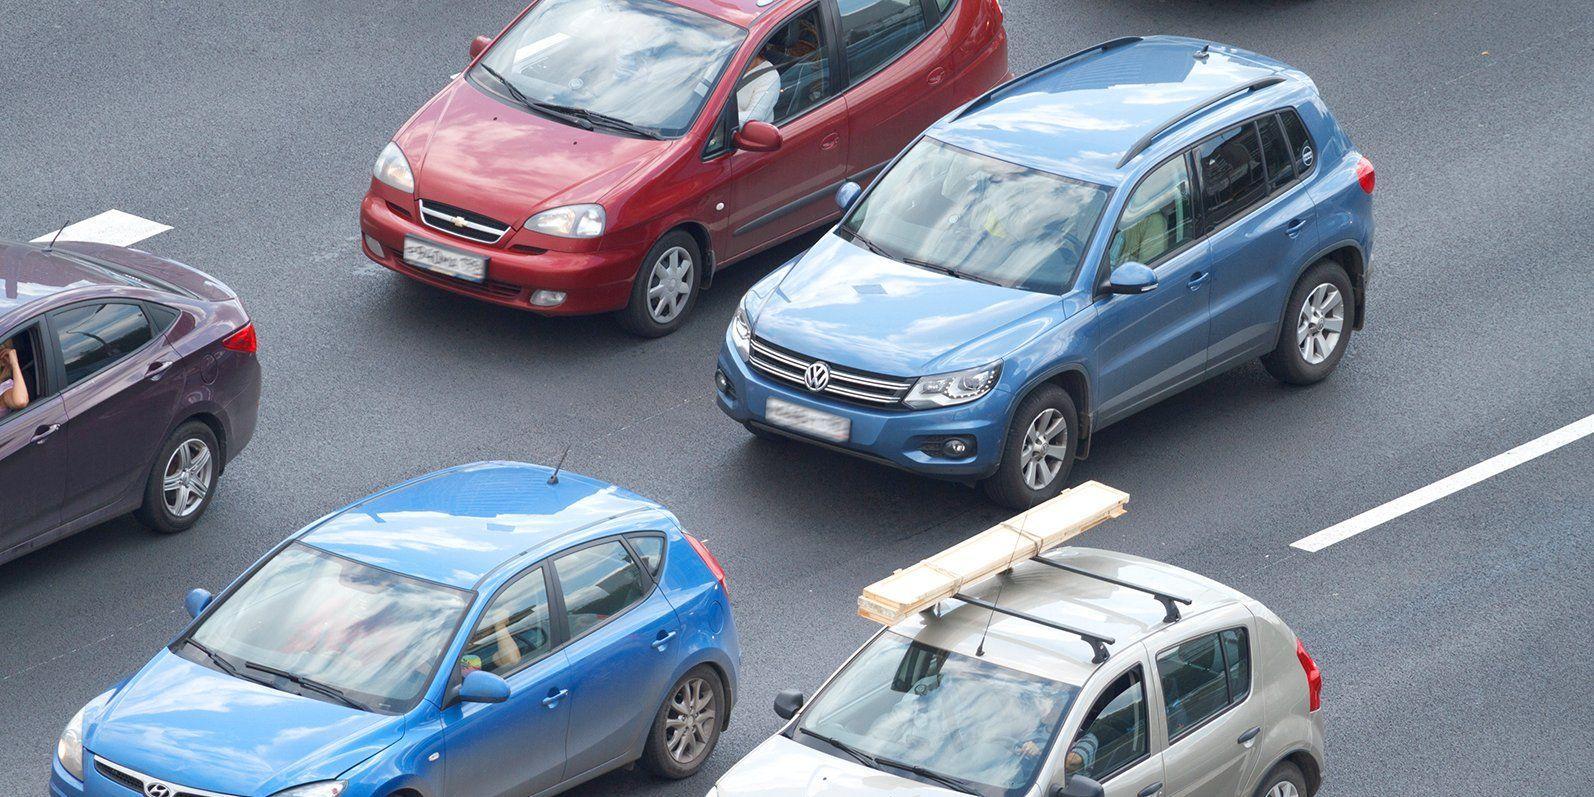 Жителей предупредили об ограничении движения на Киевском шоссе